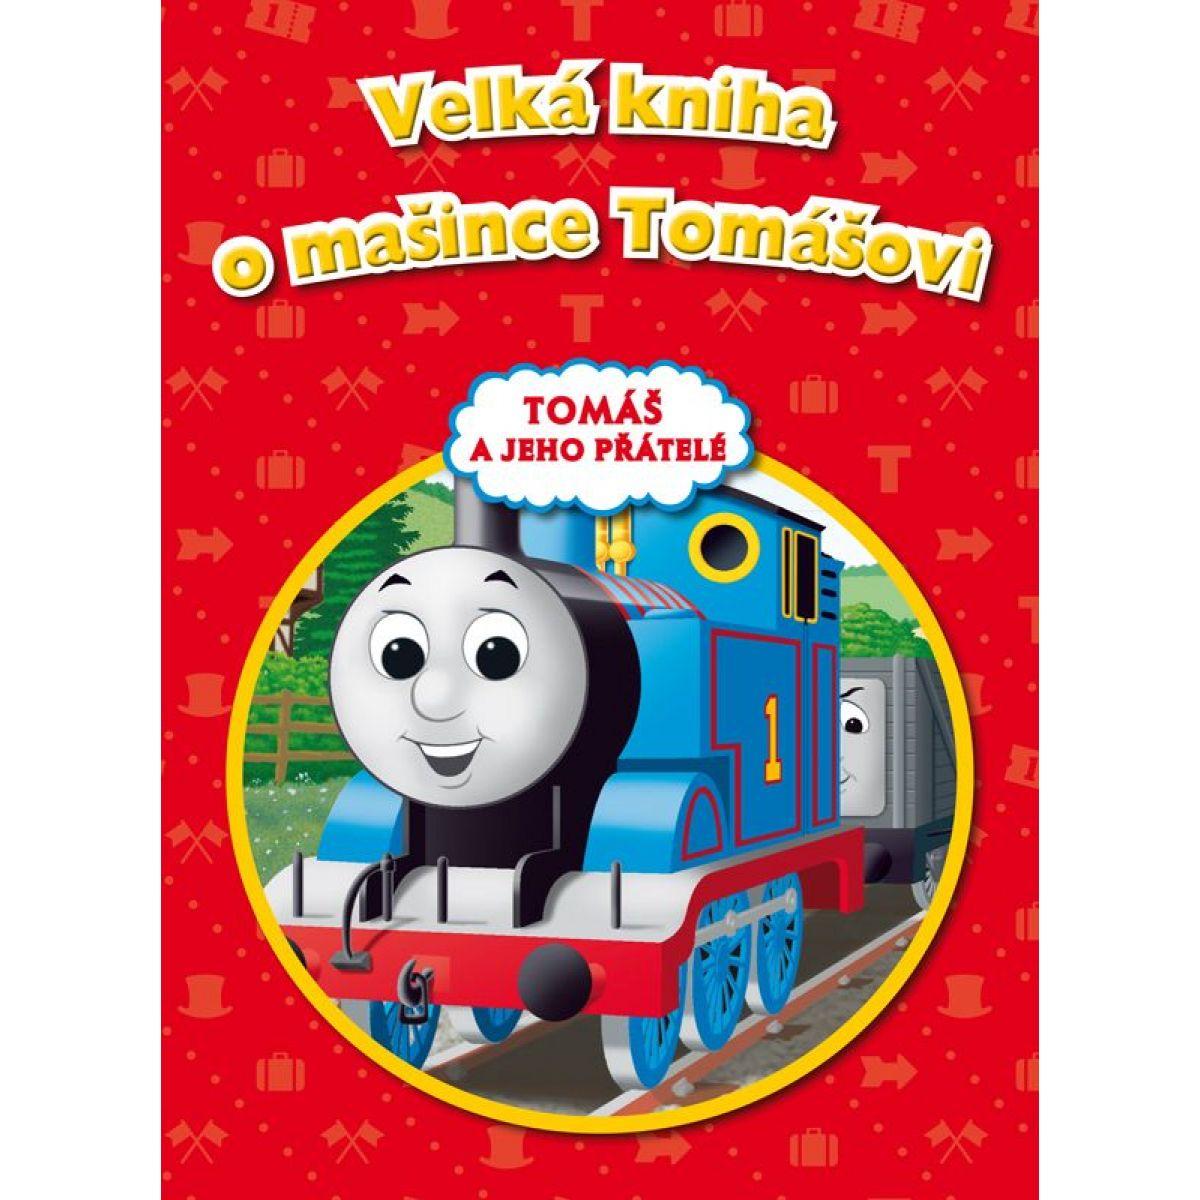 Veľká kniha o mašince Tomášovi